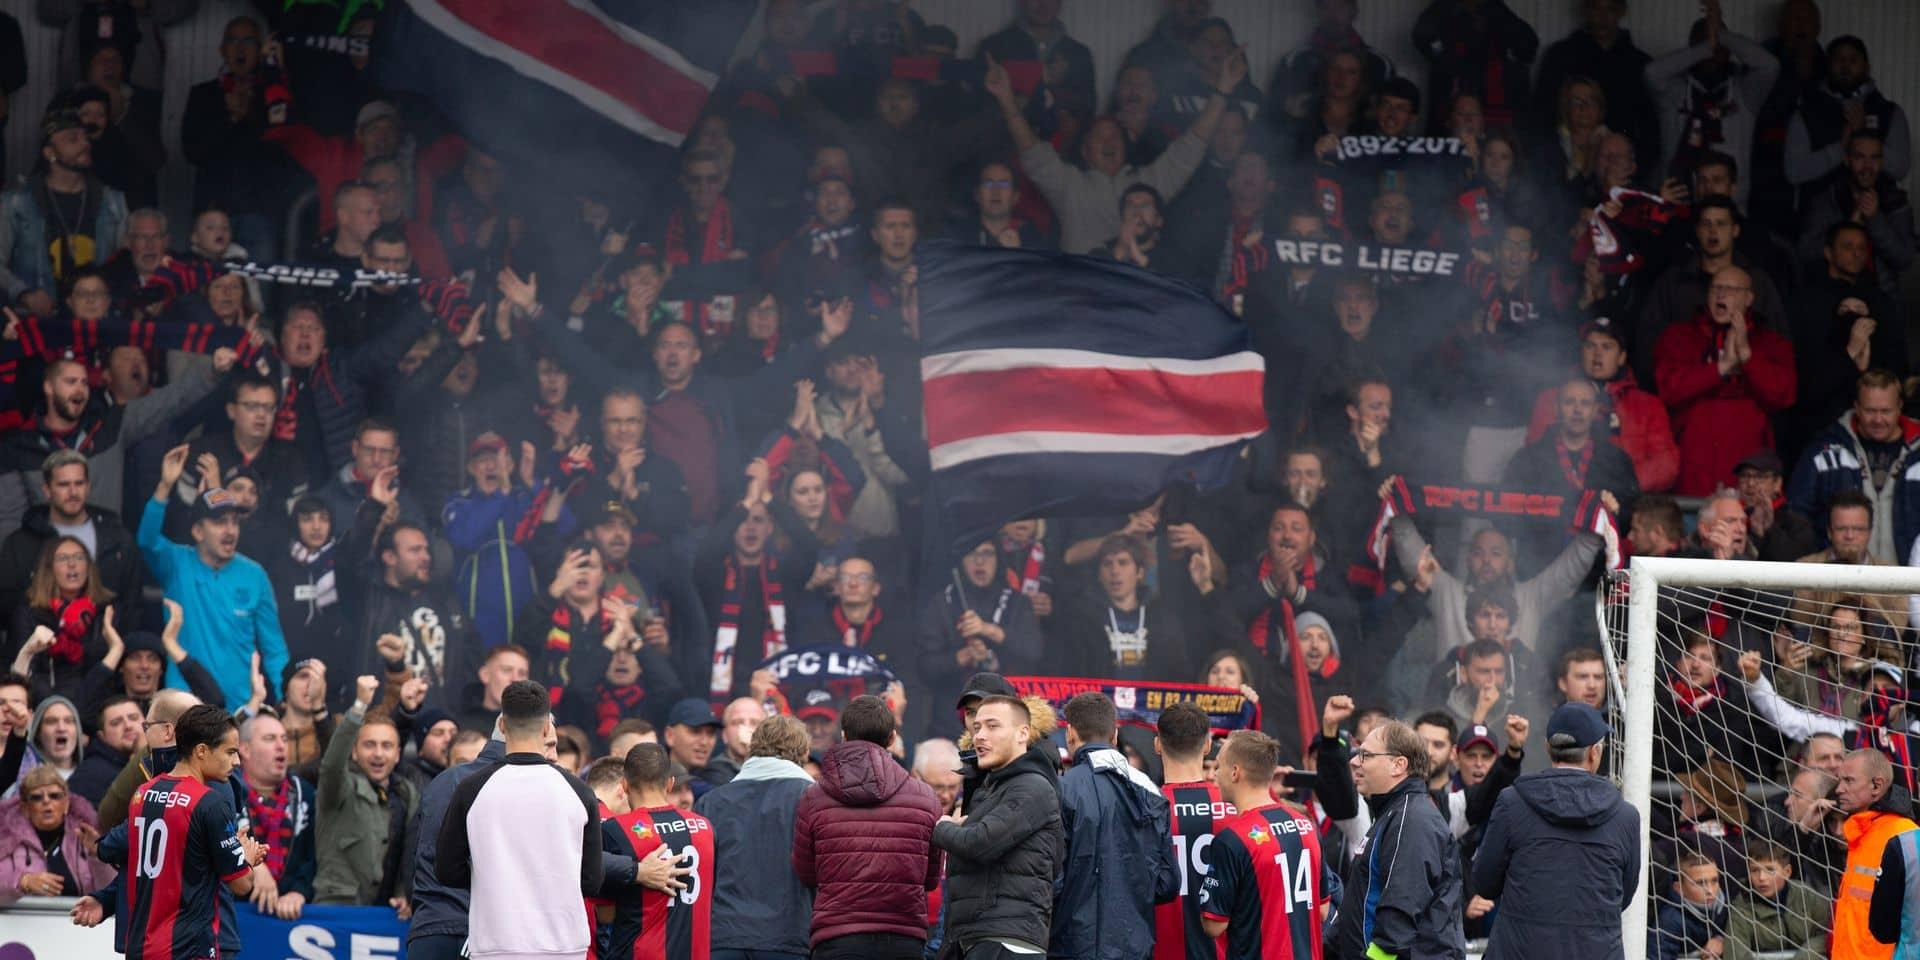 Des supporters du RFC Liège soutiennent le personnel hospitalier face au coronavirus